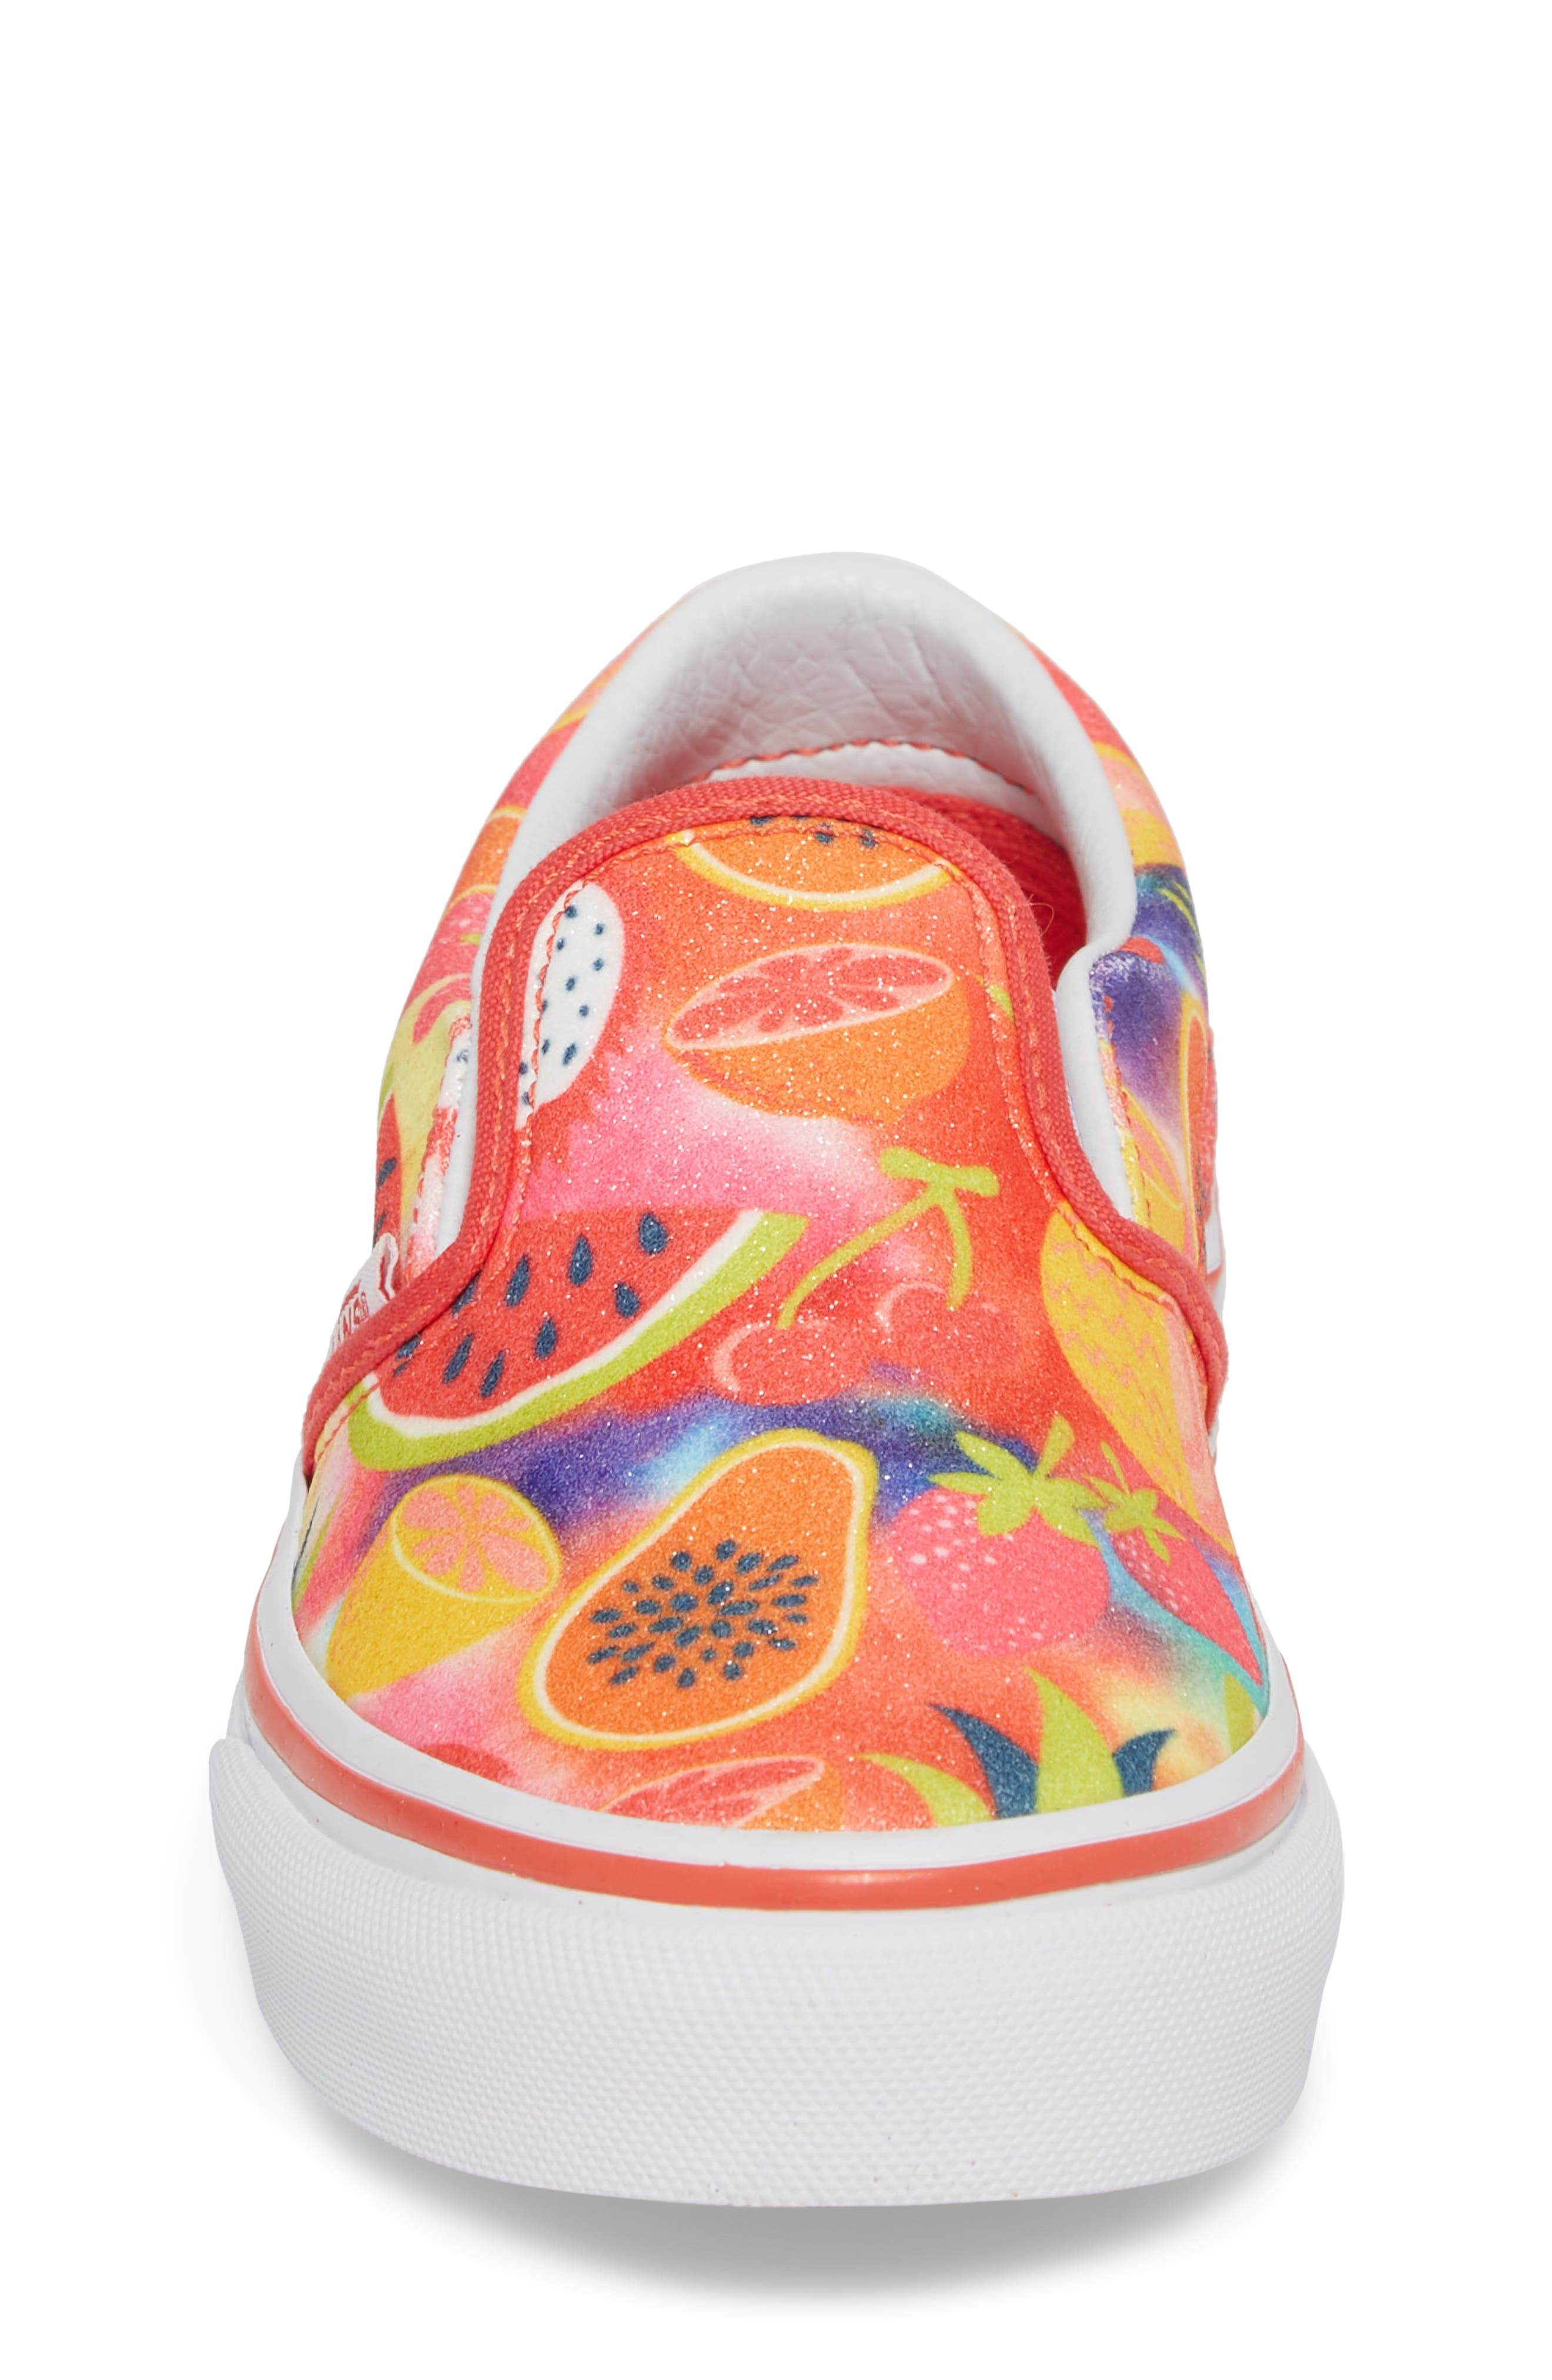 Classic Glitter Fruit Slip-On Sneaker,                             Alternate thumbnail 4, color,                             White/ Multi Glitter Fruits